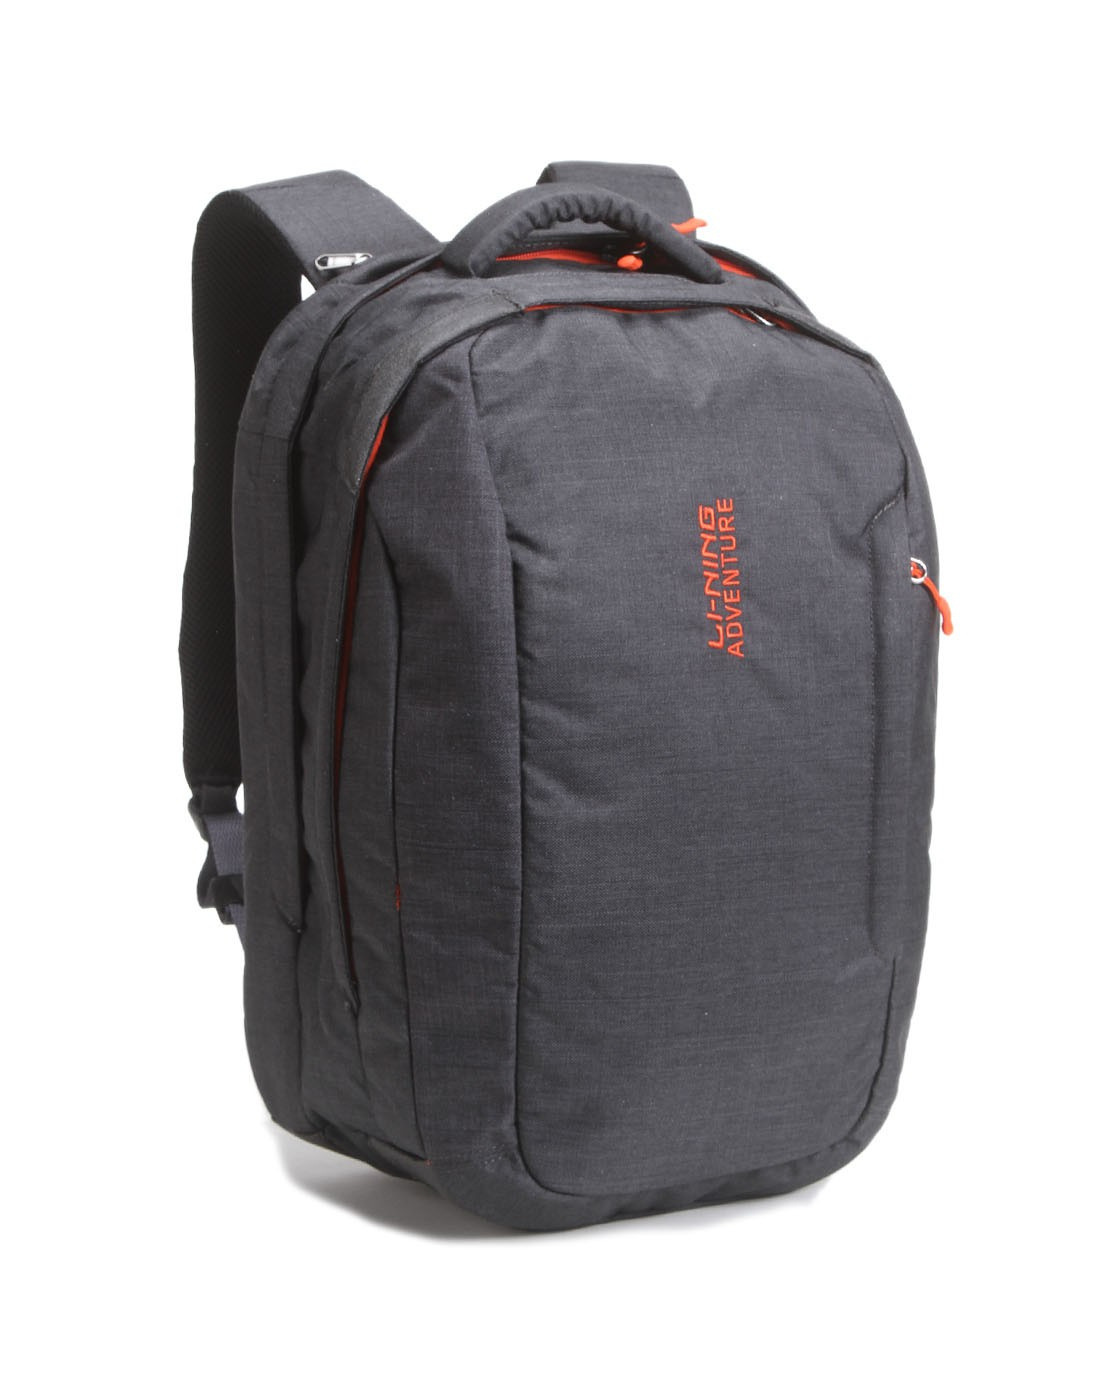 中性款黑灰色双肩背包 实用轻便舒适图片